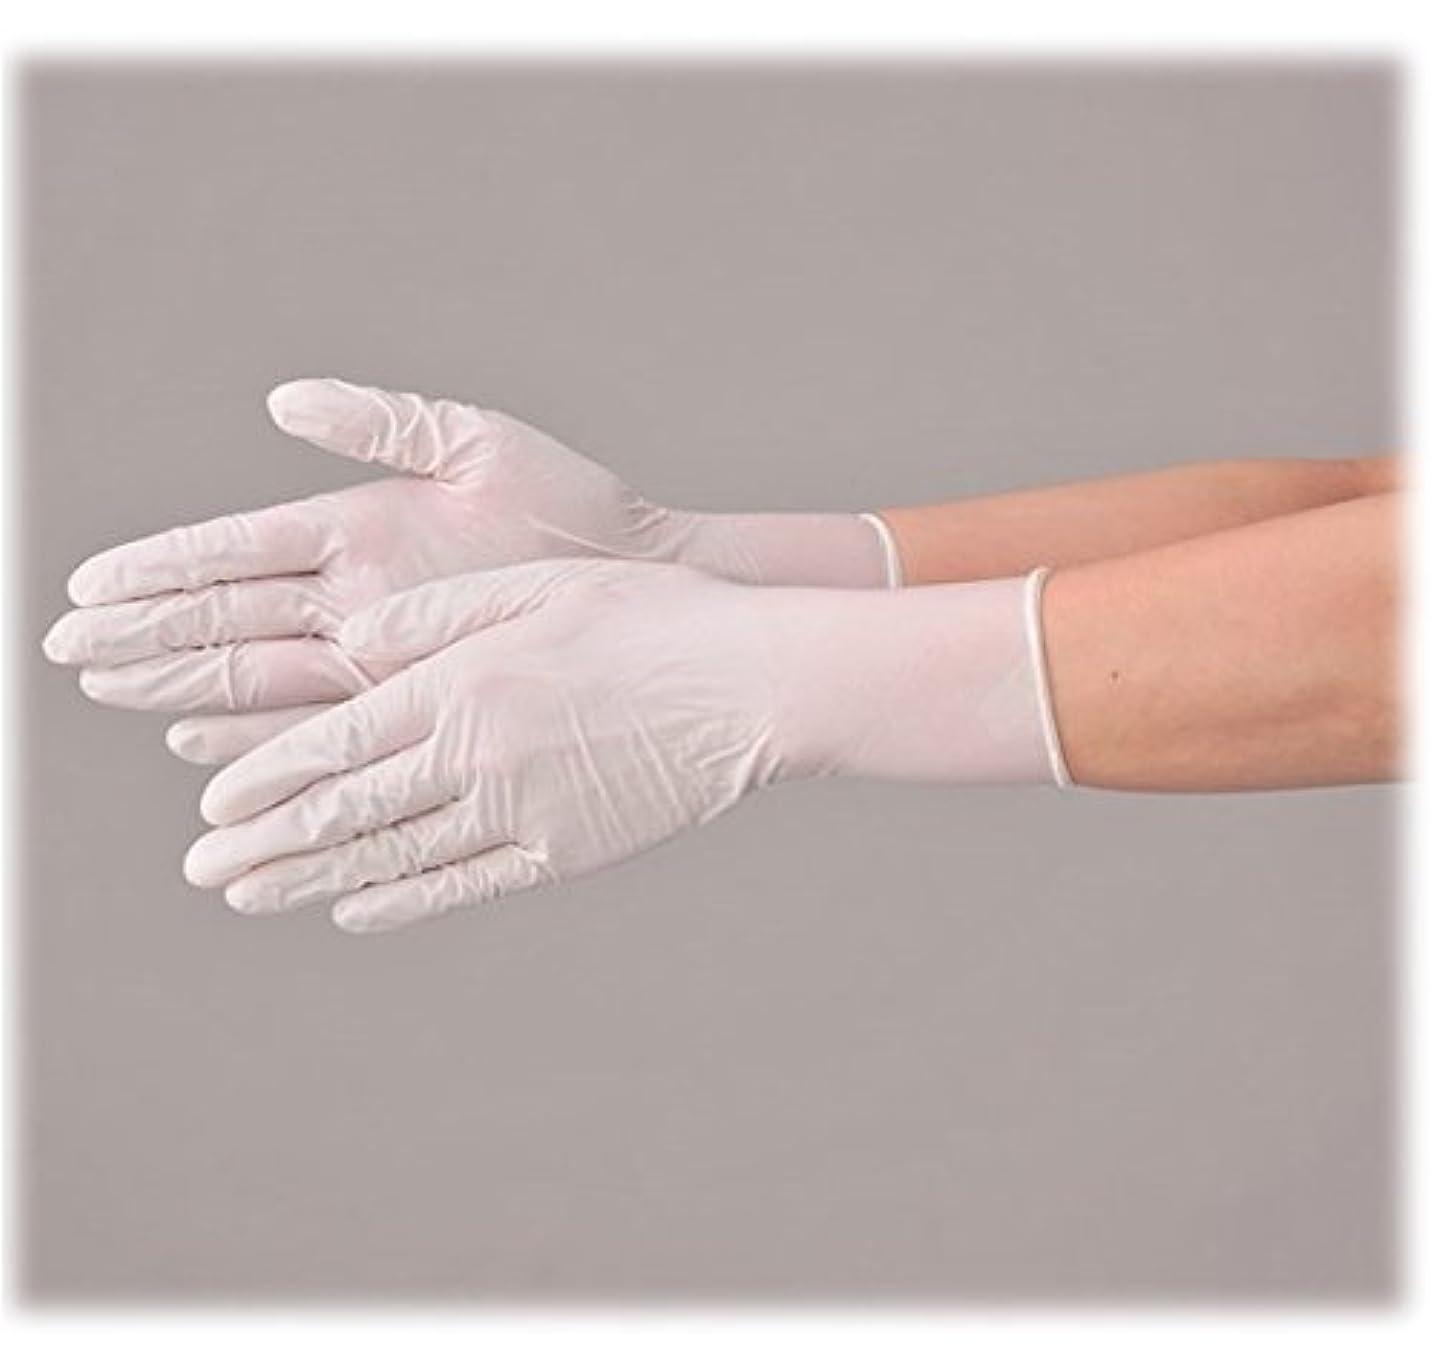 できた月曜日ビット使い捨て 手袋 エブノ 531 ニトリルNEO ホワイト Mサイズ パウダー付き 2ケース(100枚×60箱)